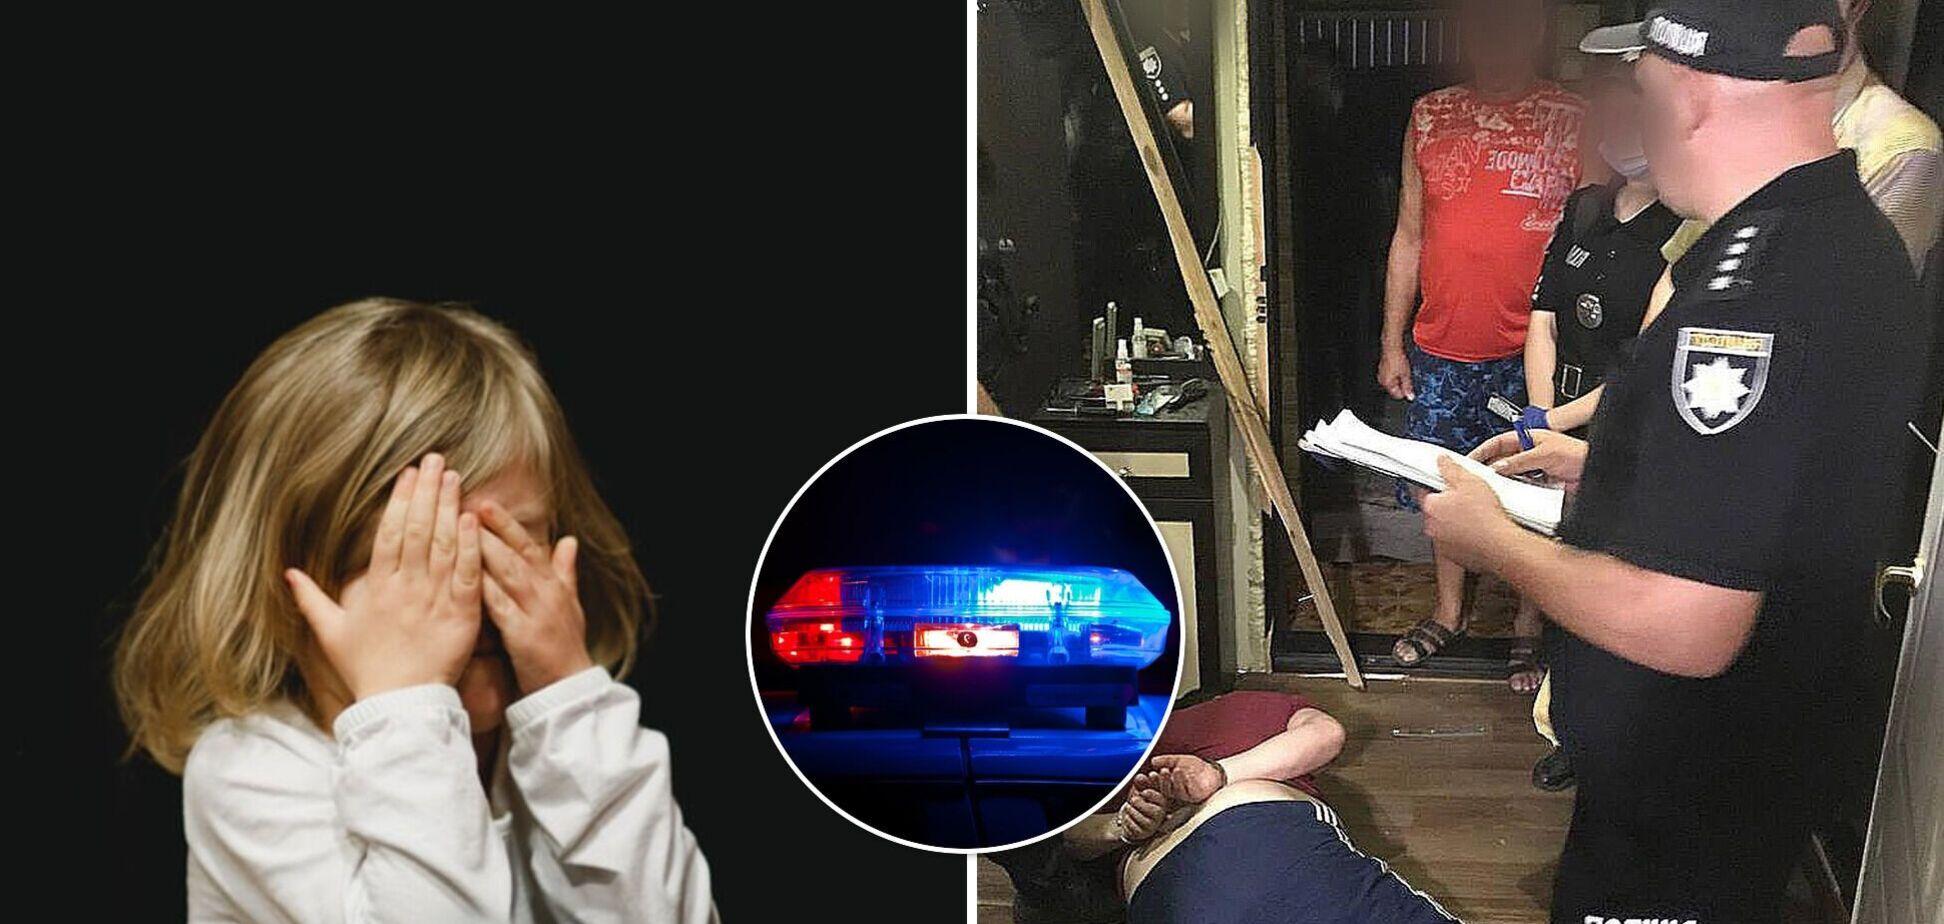 В Черниговской области поймали педофила, пытавшегося изнасиловать ребенка: заманил домой и избил